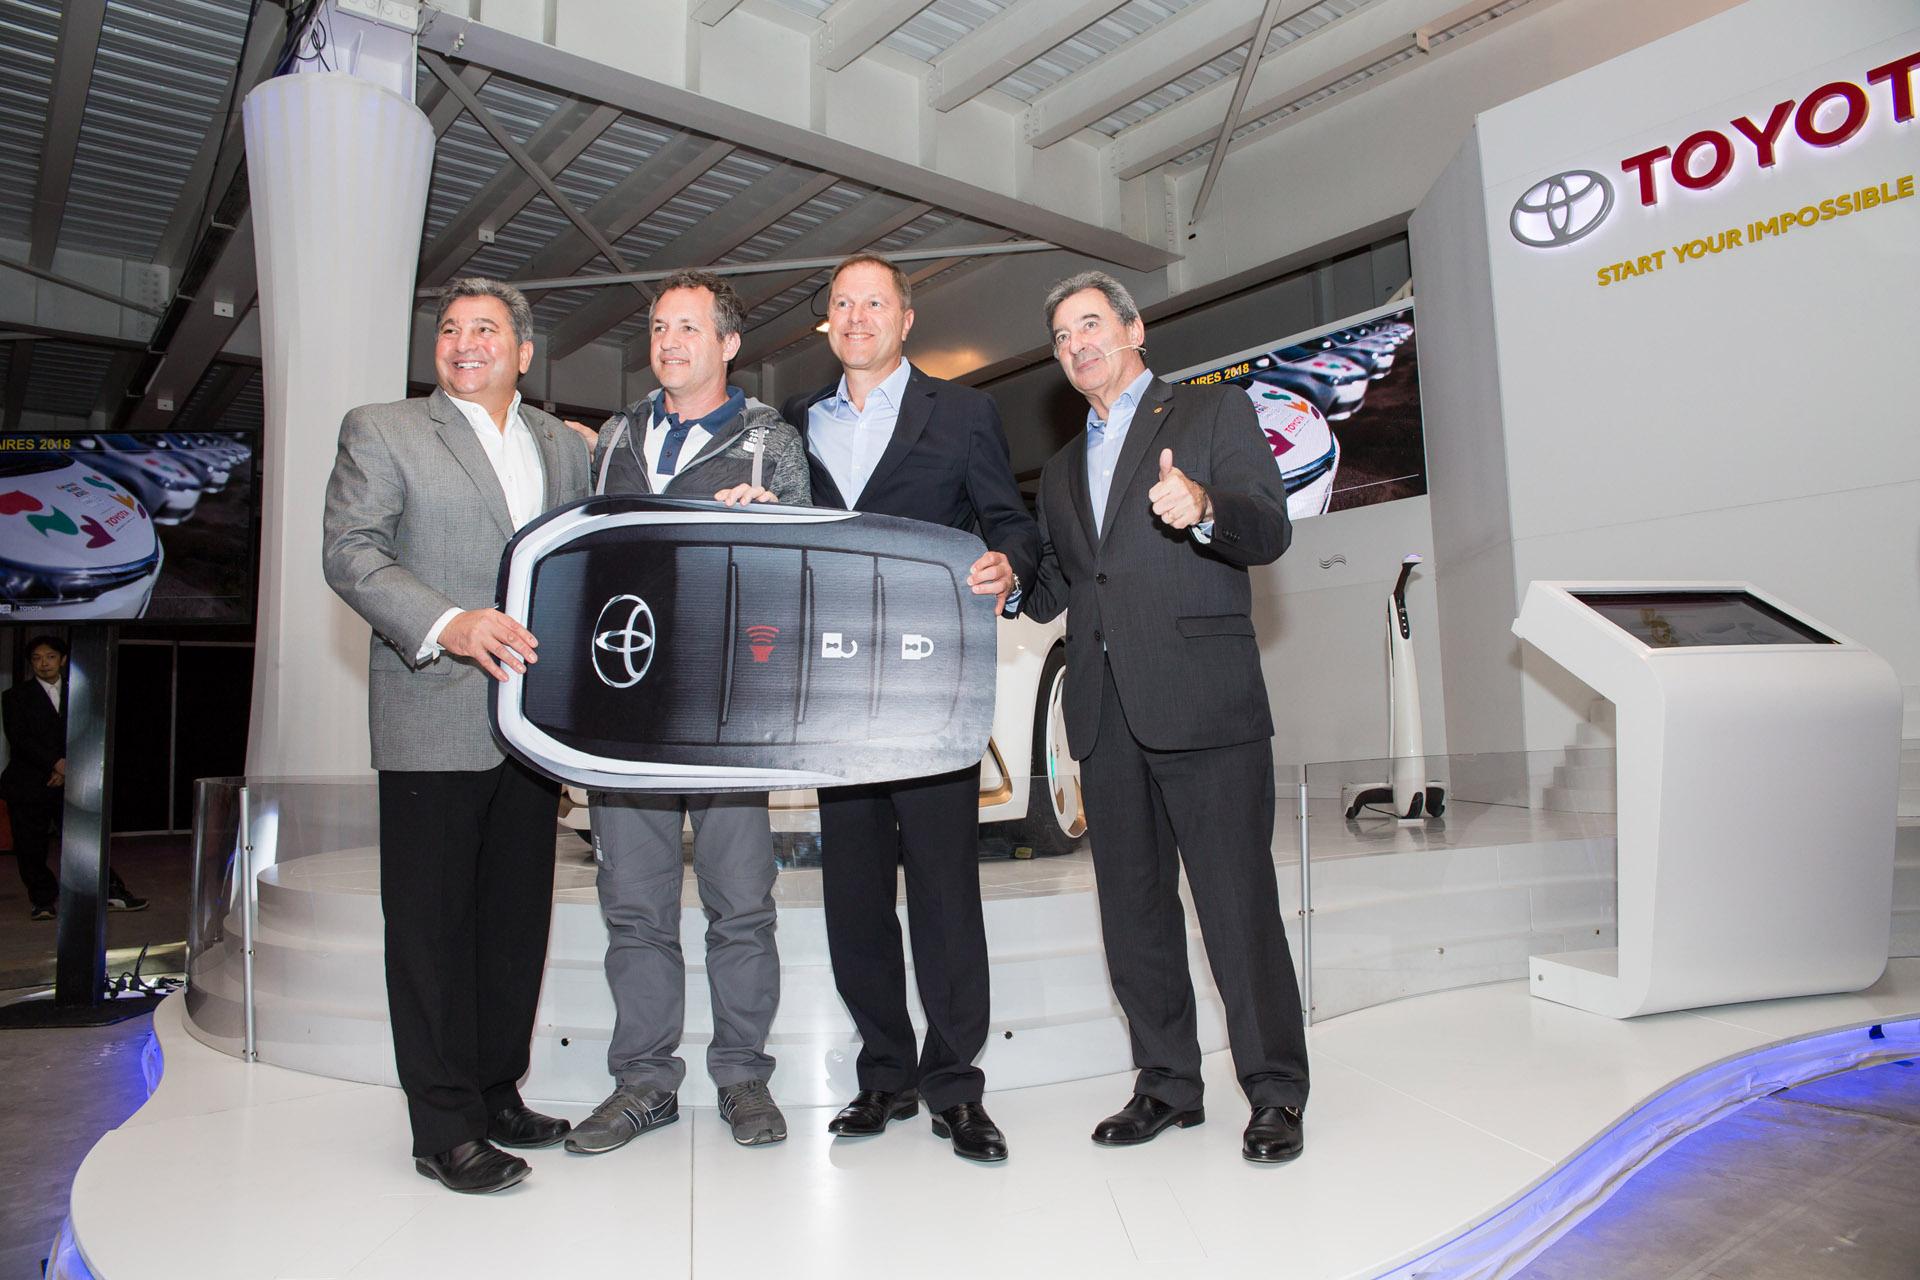 Toyota socio de movilidad oficial de los Juegos Olimpicos de la Juventud, Buenos Aires 2018 .